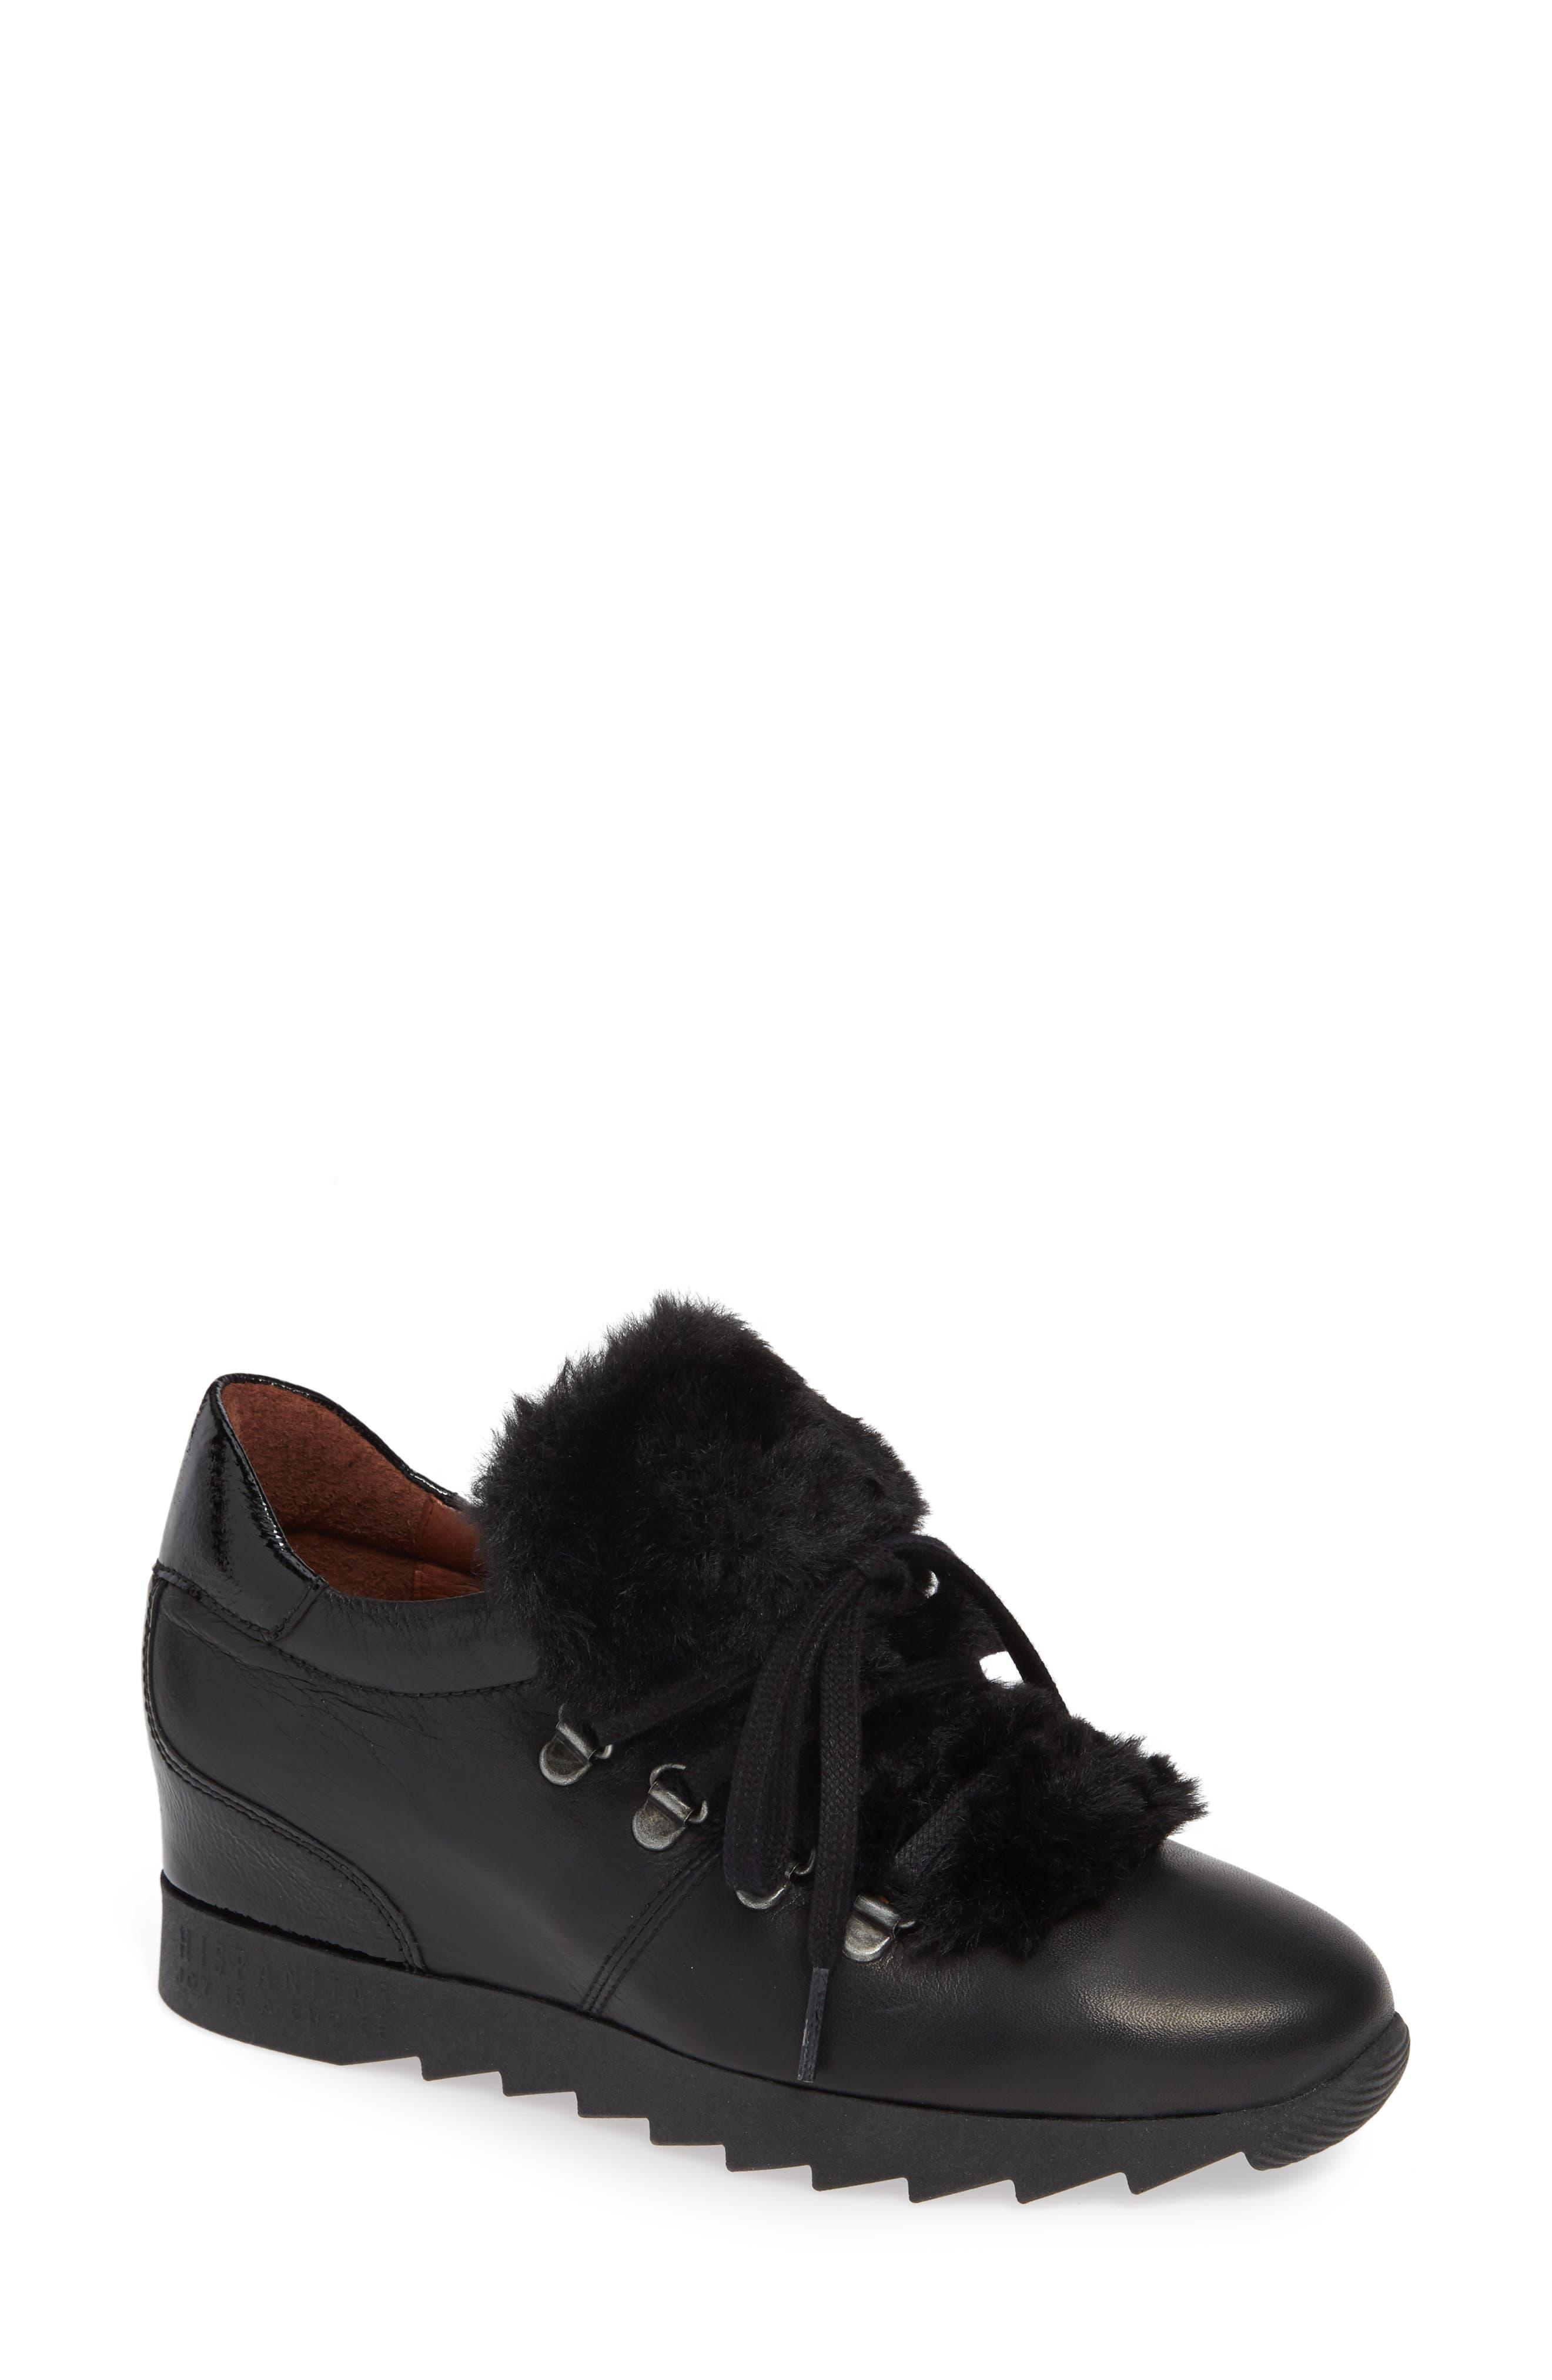 Sadara Wedge Sneaker,                         Main,                         color, SOHO BLACK FAUX FUR